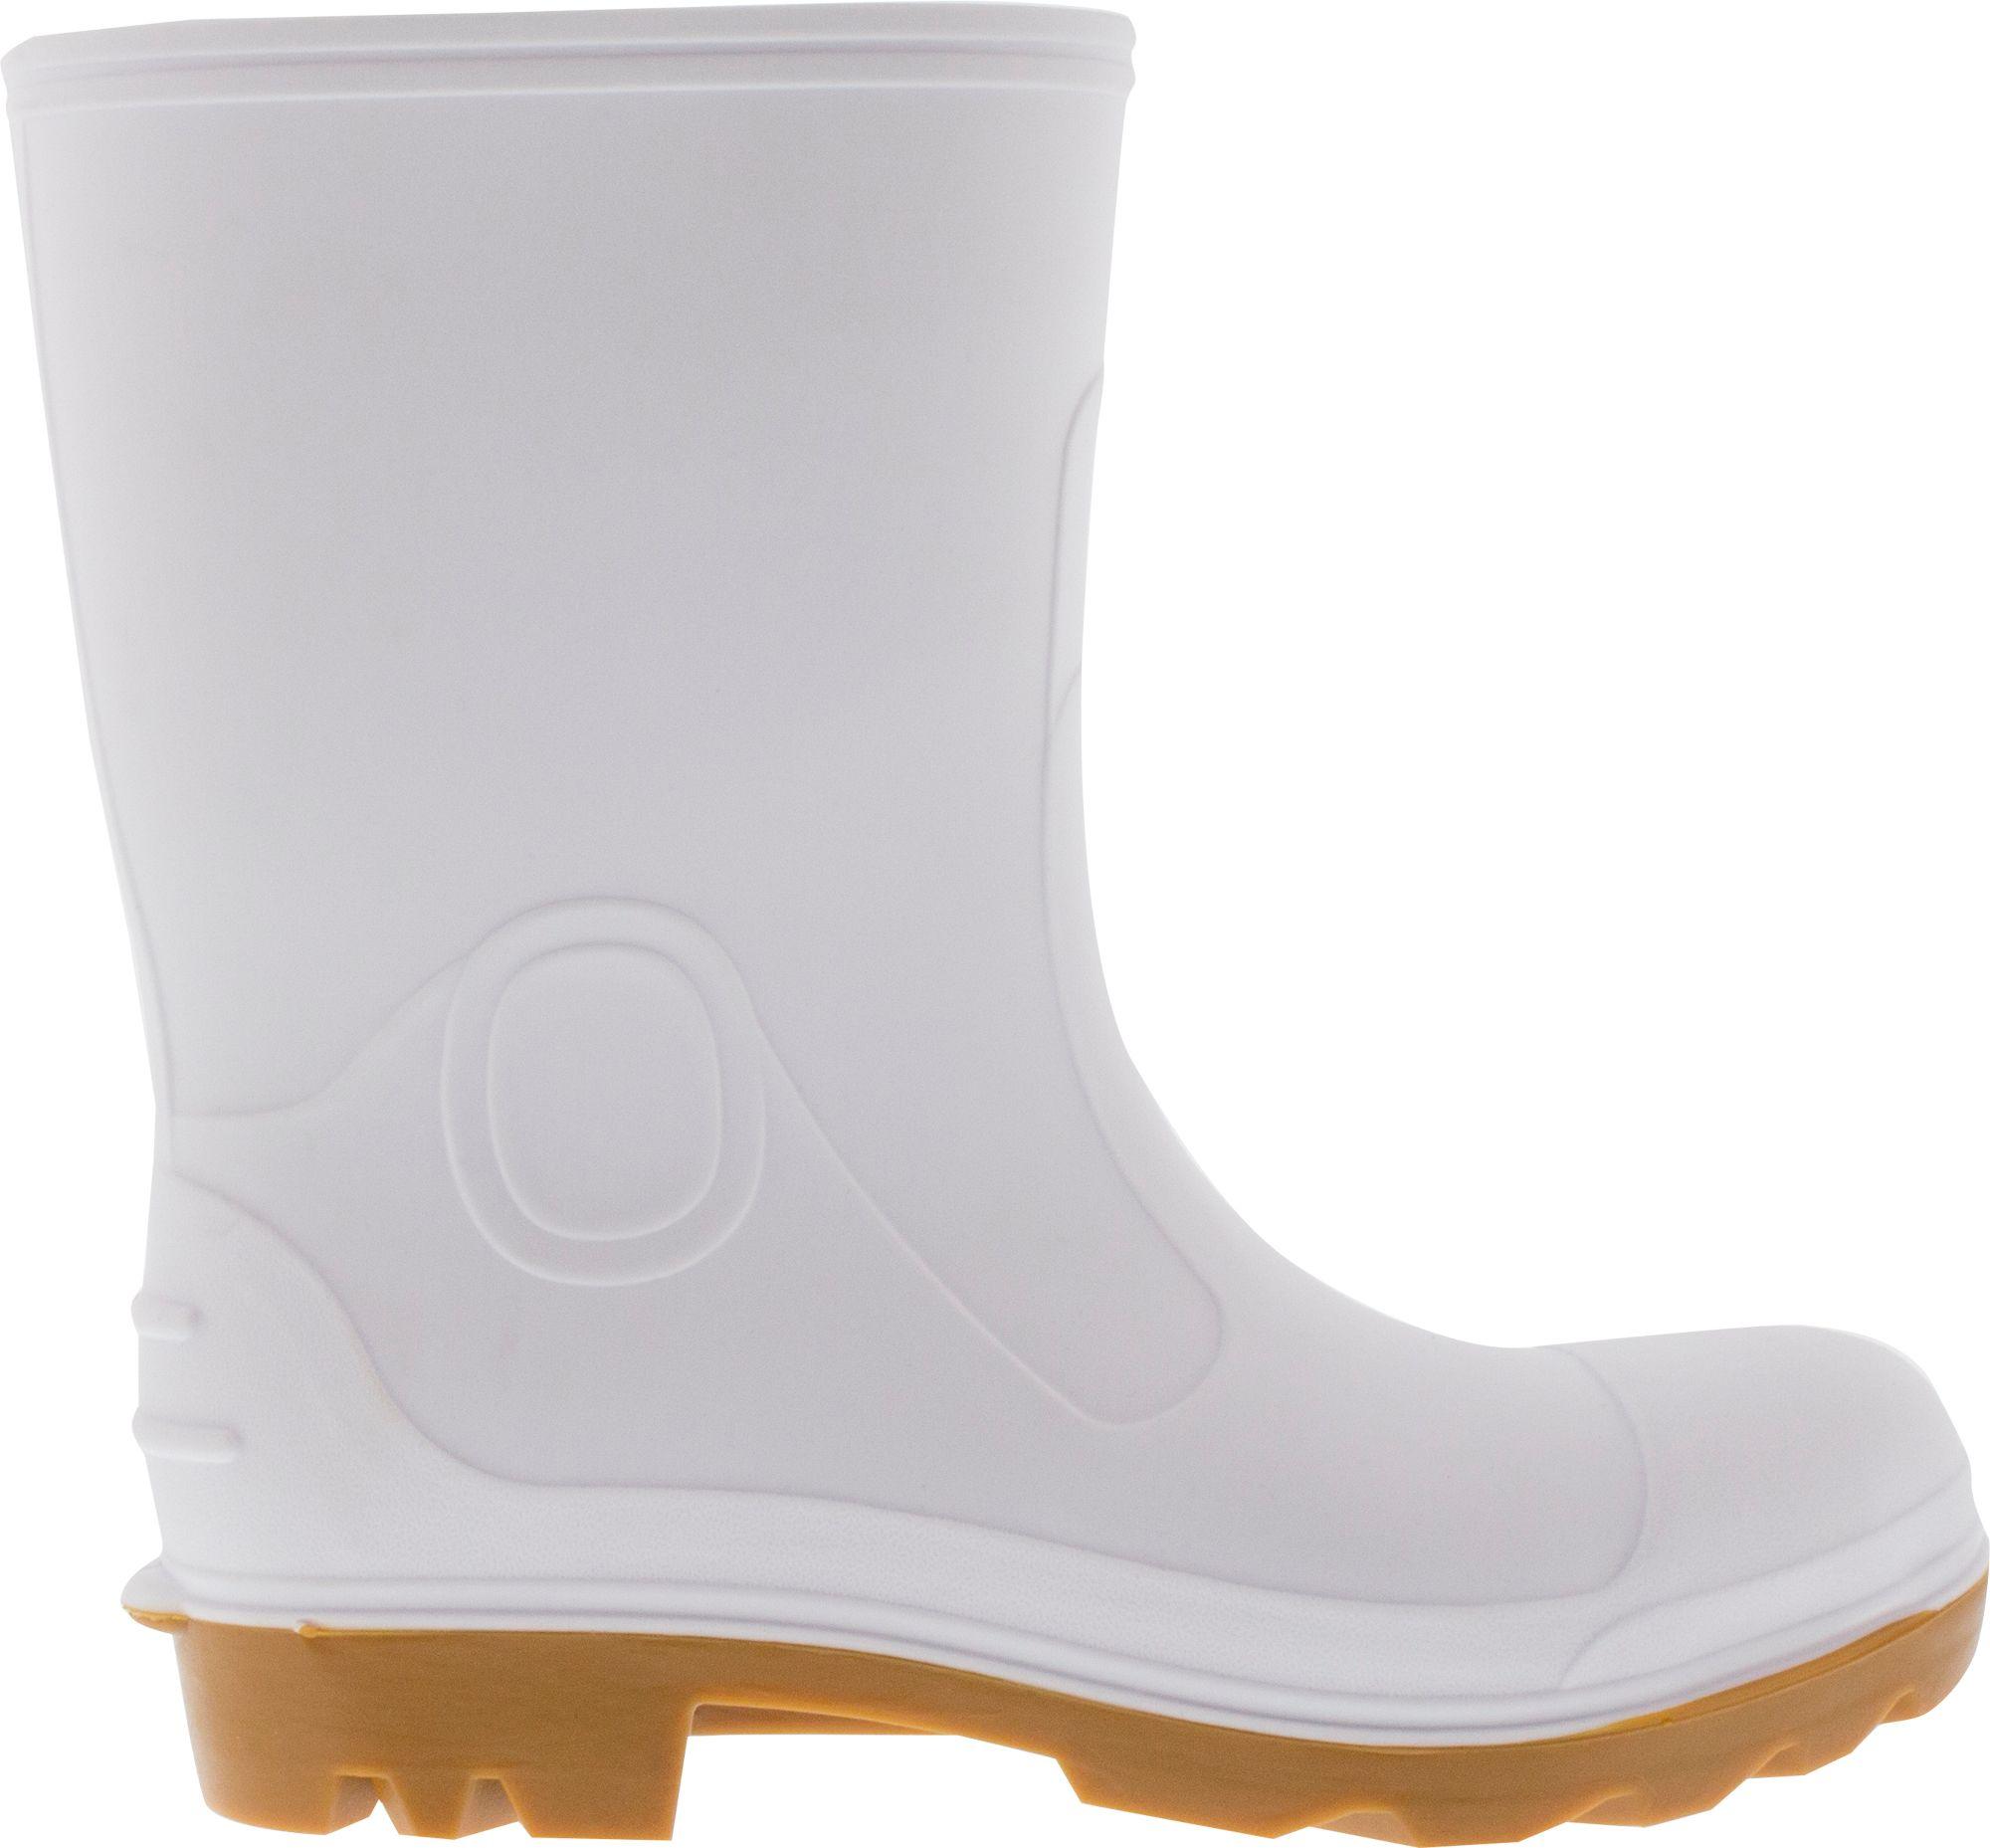 Field & Stream Men's Waterproof Shrimp Boots, Size 14, White